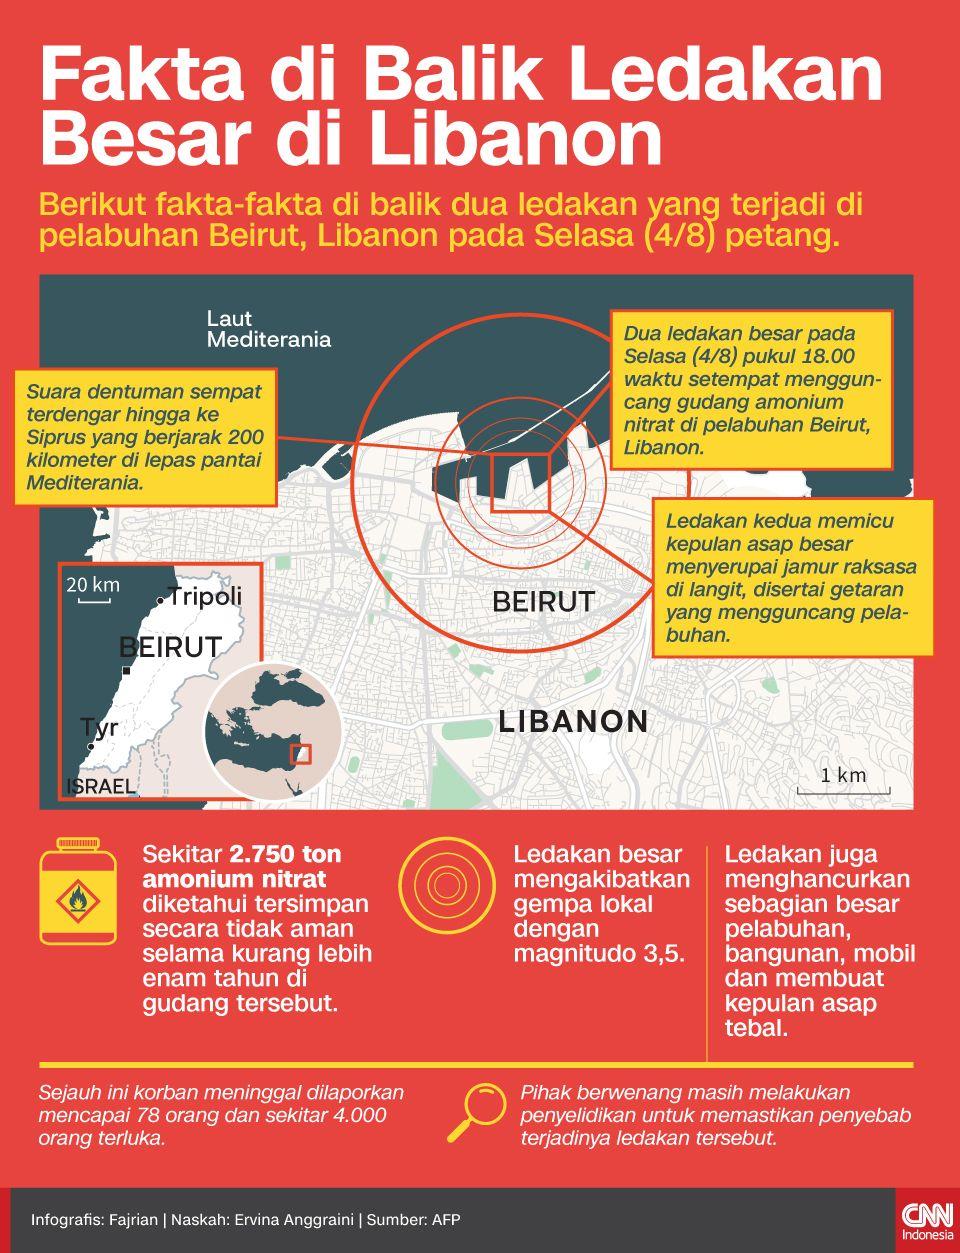 Infografis Fakta di Balik Ledakan Besar di Libanon